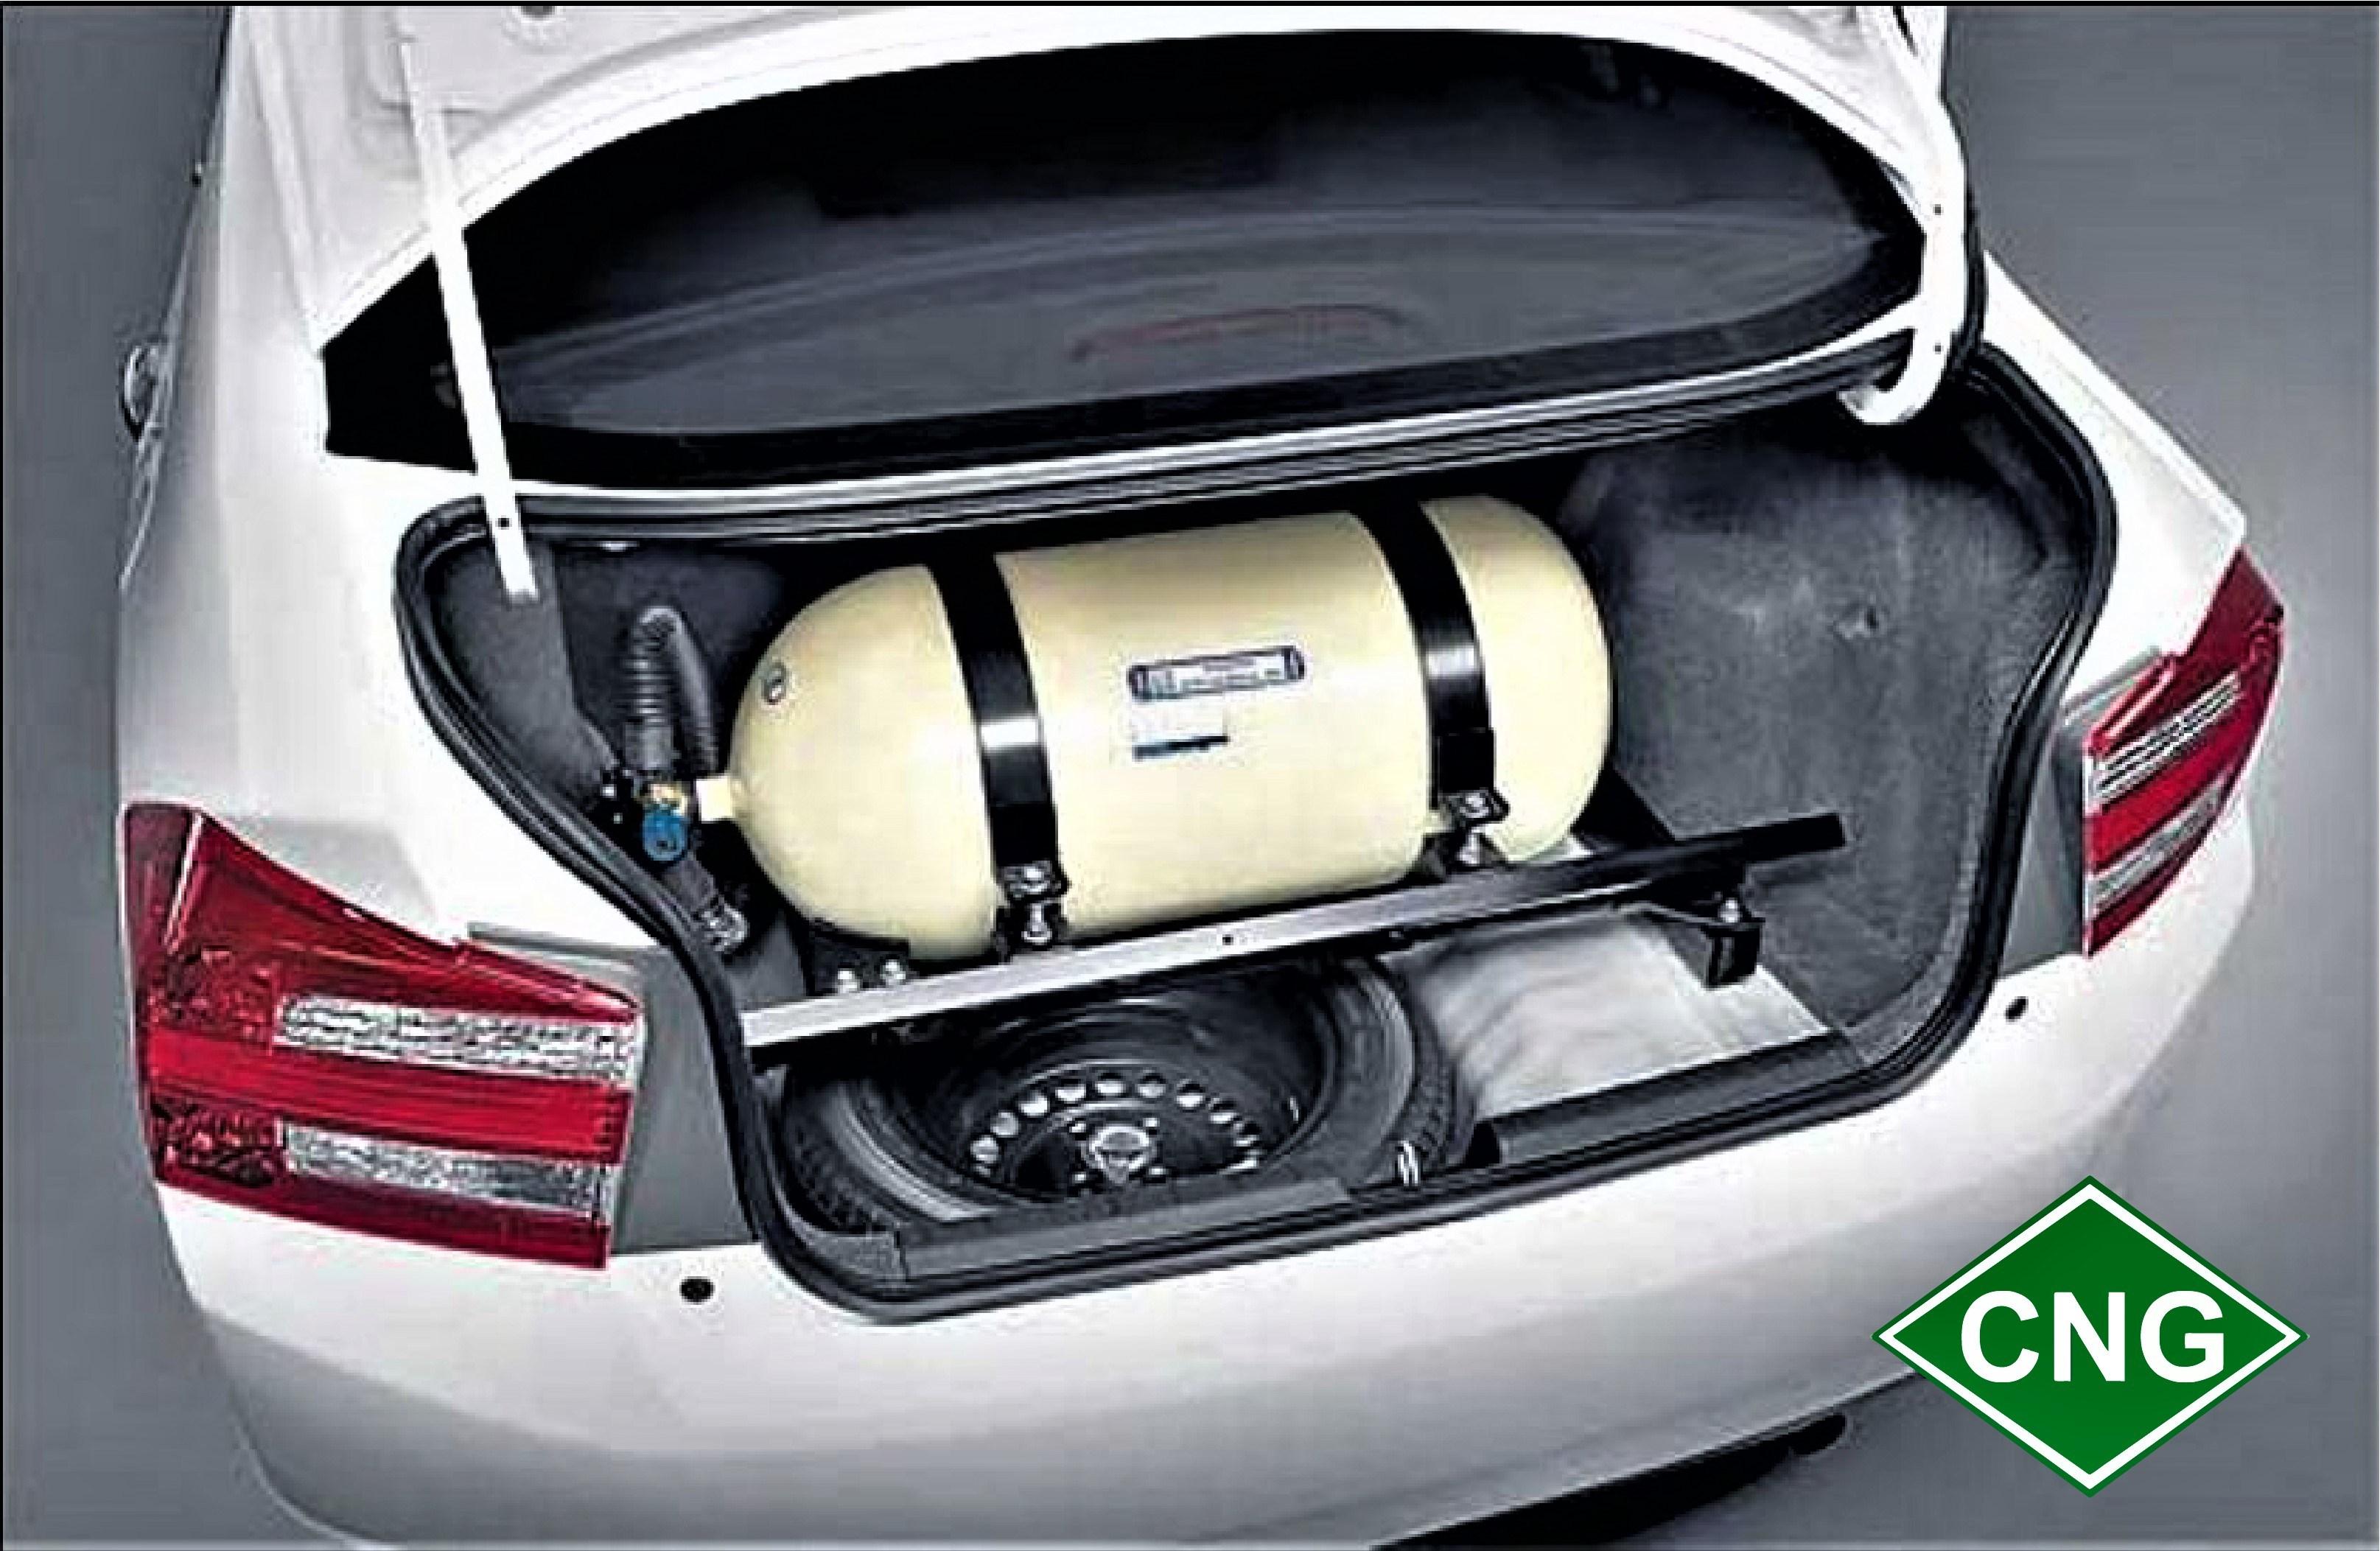 تبدیل ۶ هزار خودروی گازوئیلی به CNG / باید ماشینهای سنگین دوگانه سوز شوند